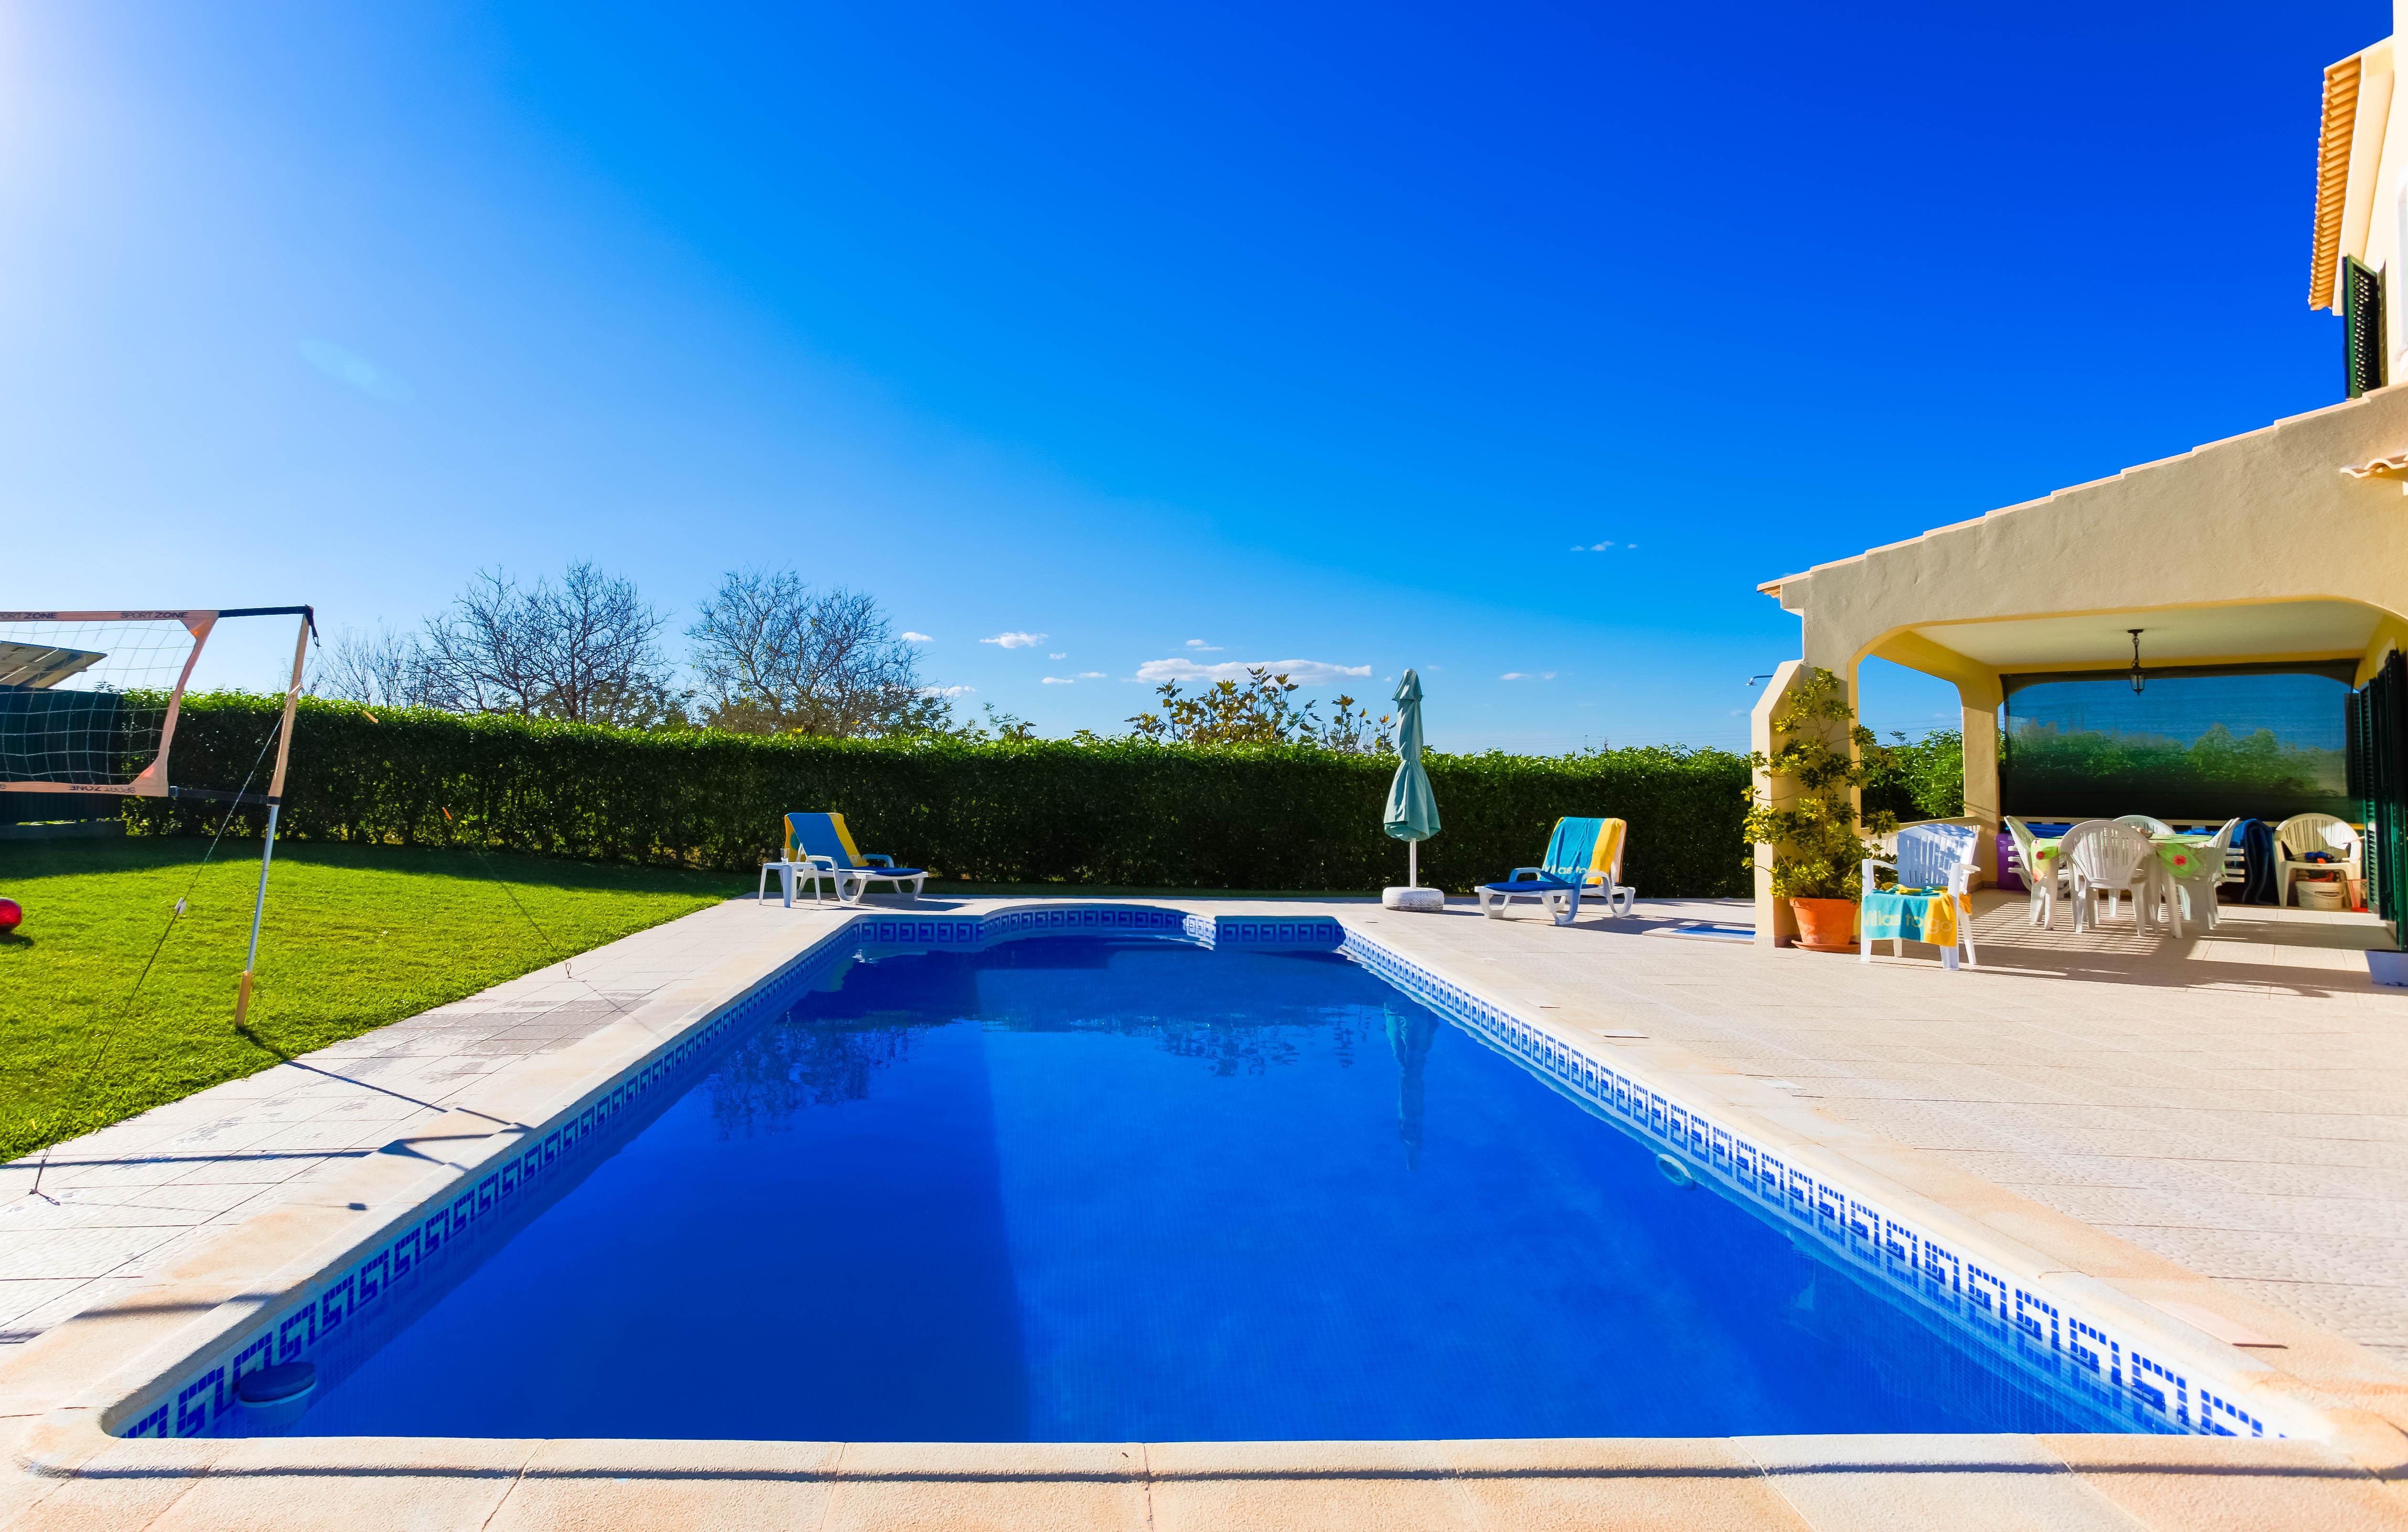 Private Villas In Portugal villa rental in alagoa from €935/nt – private villas to rent